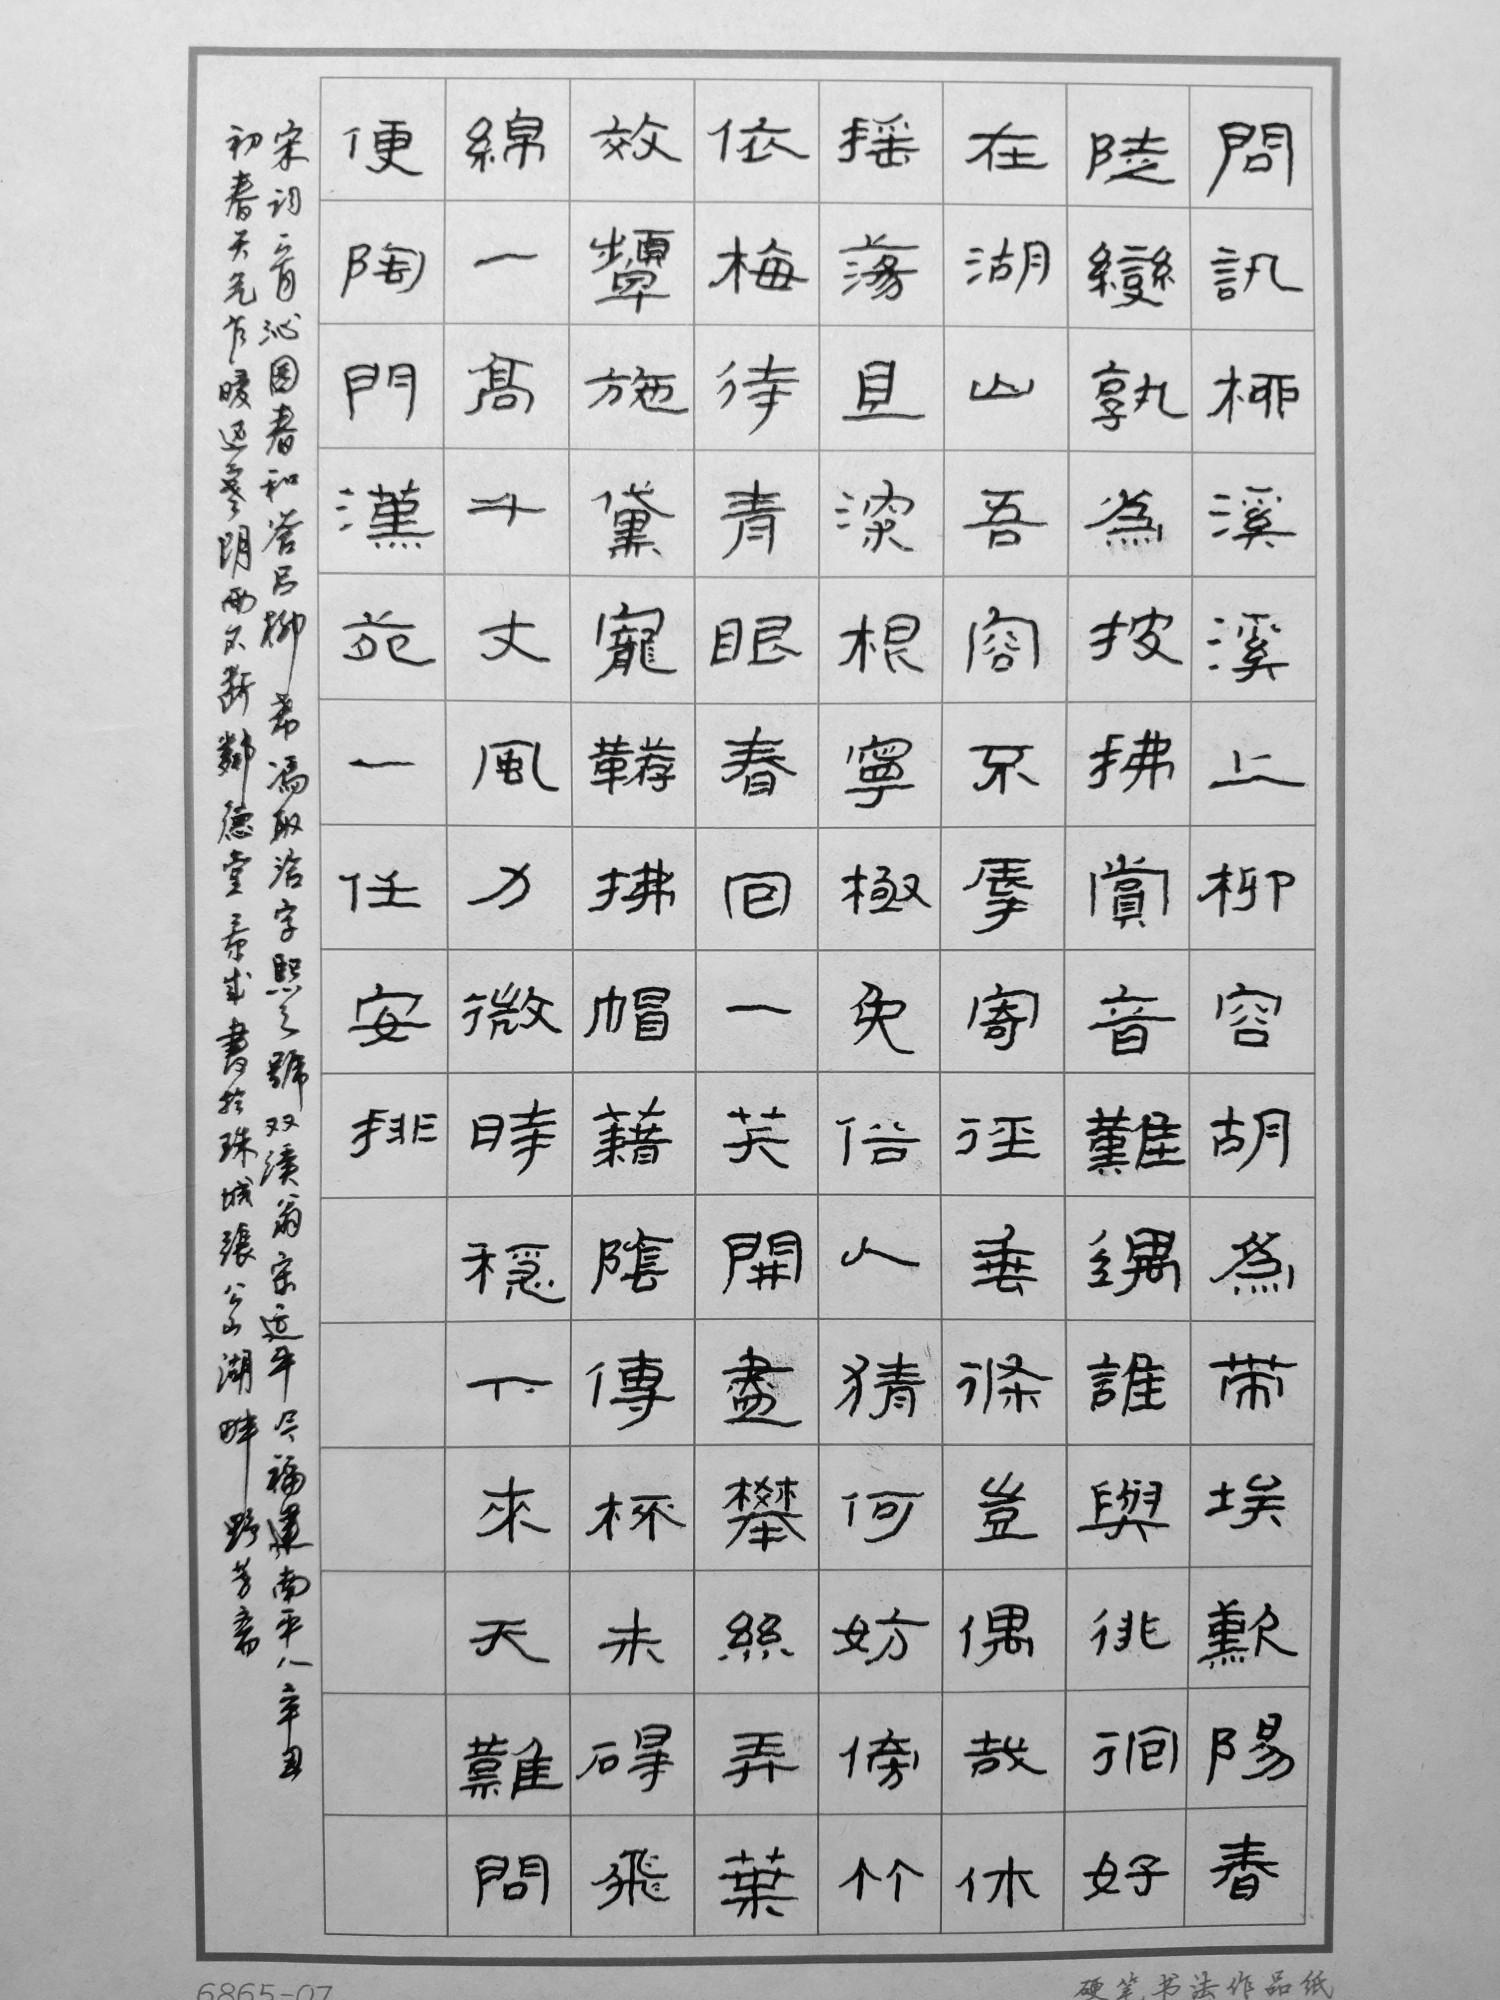 钢笔爱好者练字打卡20210302-19